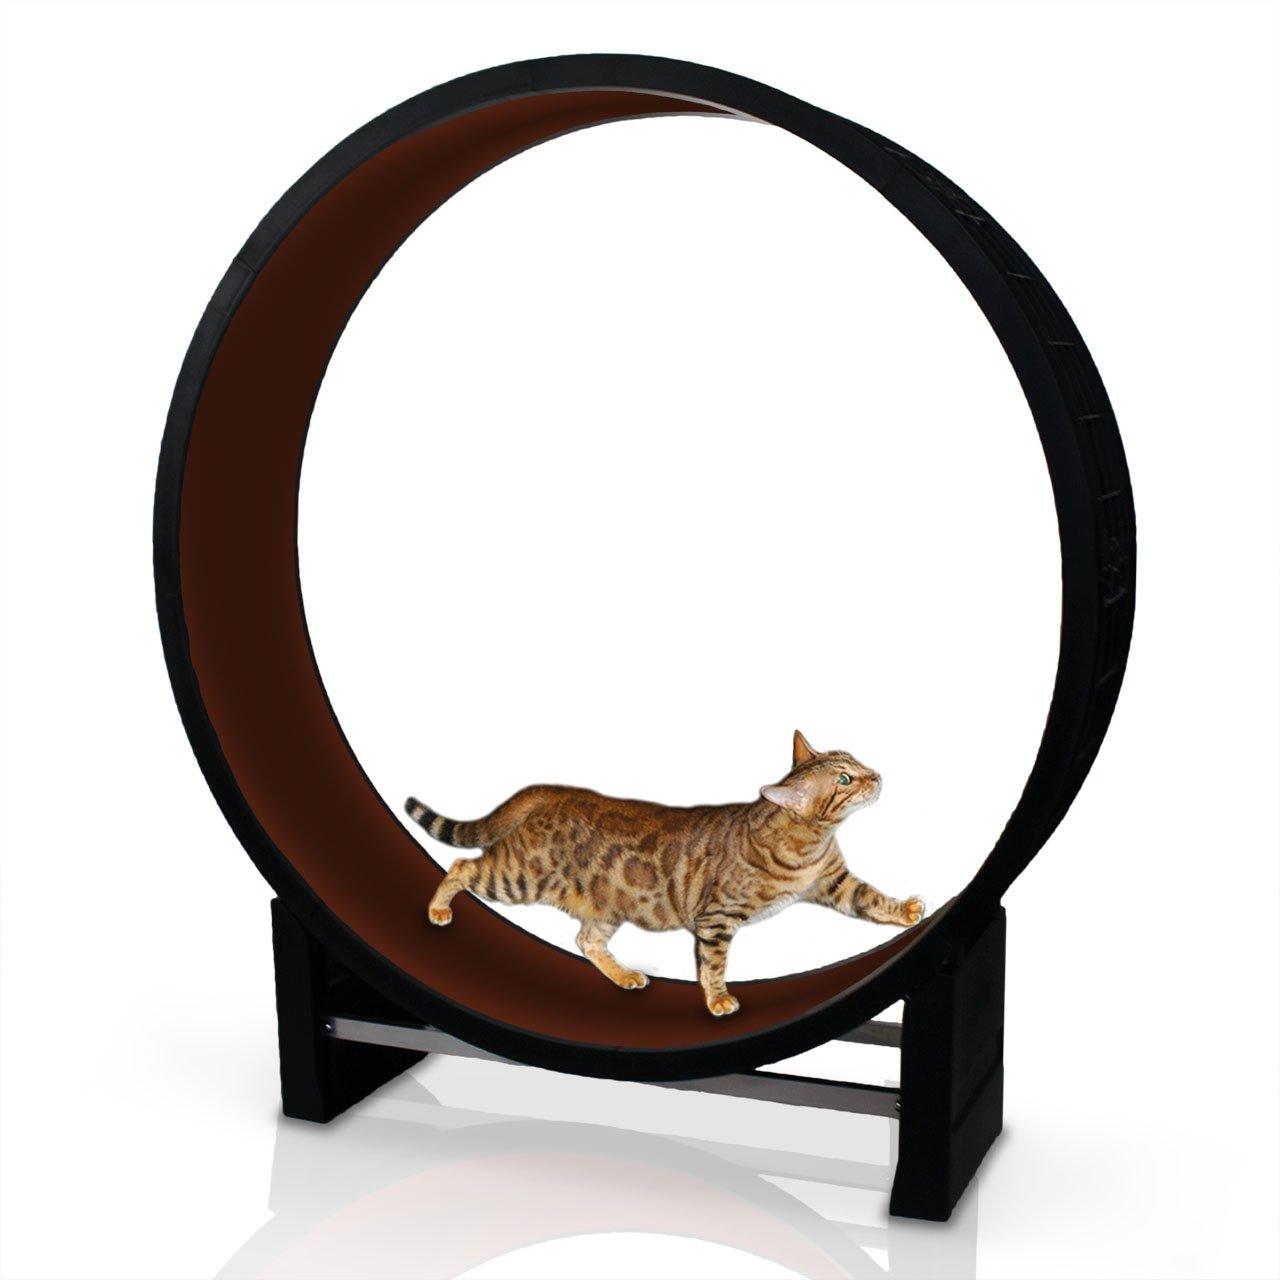 CanadianCat Company ® | Katzenlaufrad | Cat in Motion | Kastanienbraun | Trainingsgerät und Spielzeug für Katzen